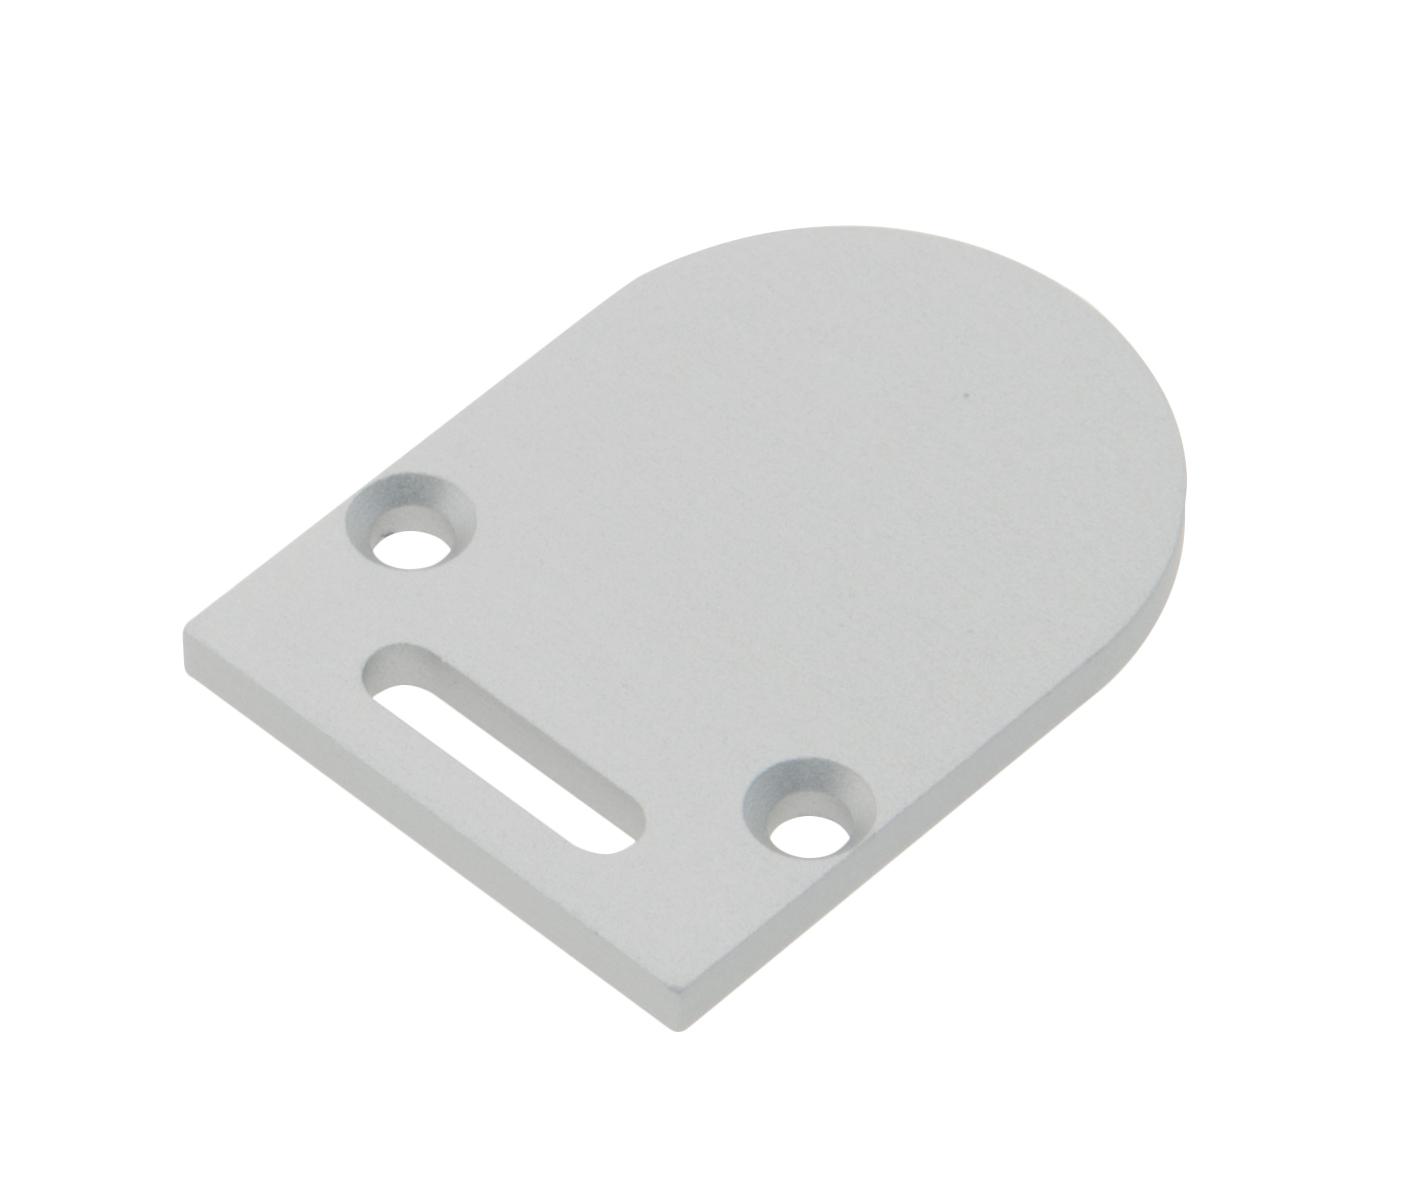 1 Stk Profil Endkappe TBL Rund mit Langloch inkl. Schrauben LIEK002811